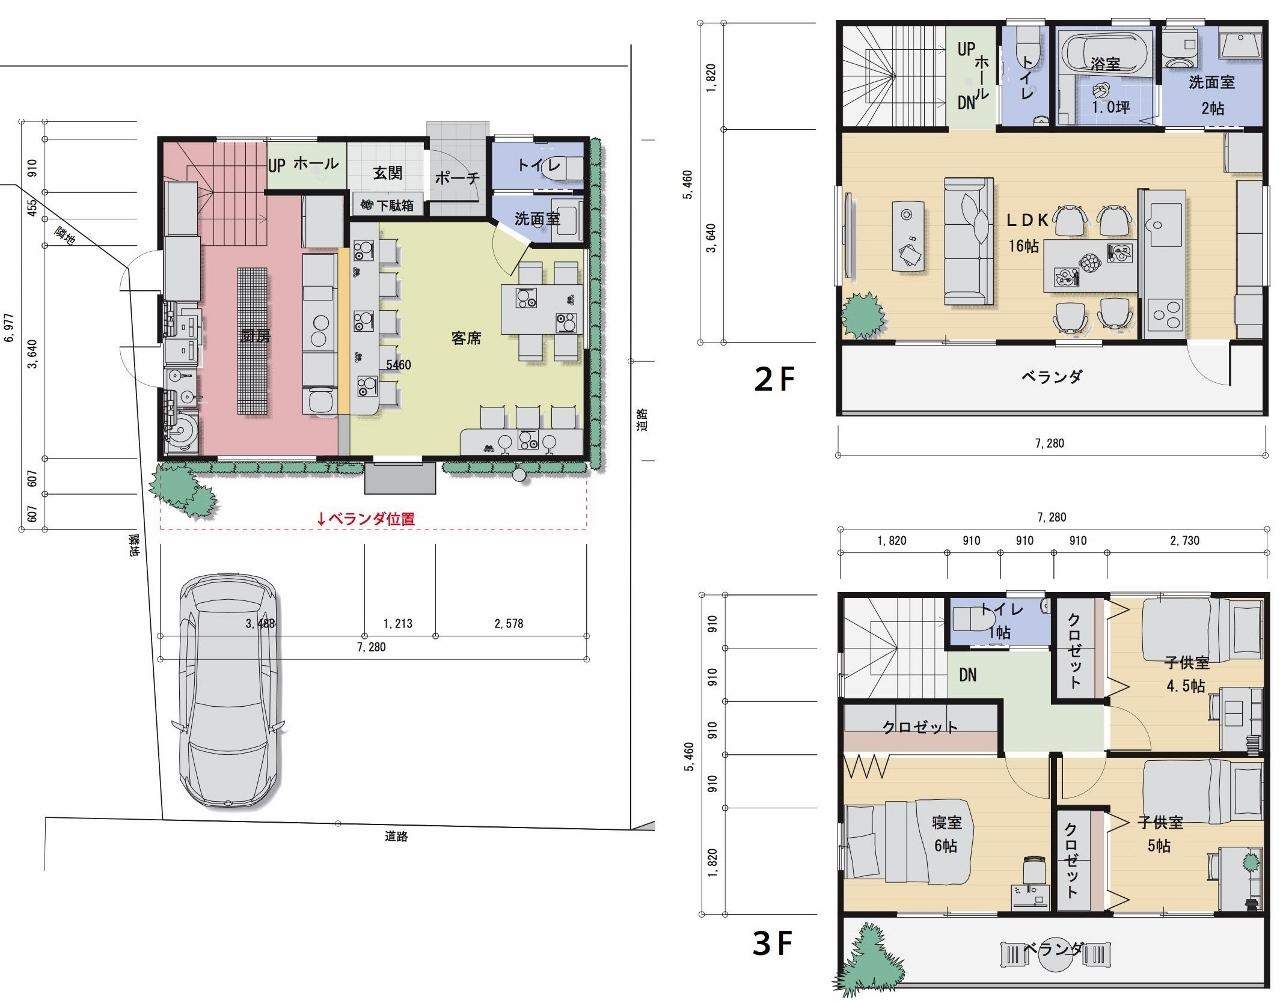 狭小住宅のプラン集 | ページ 8 | 株式会社建築システム